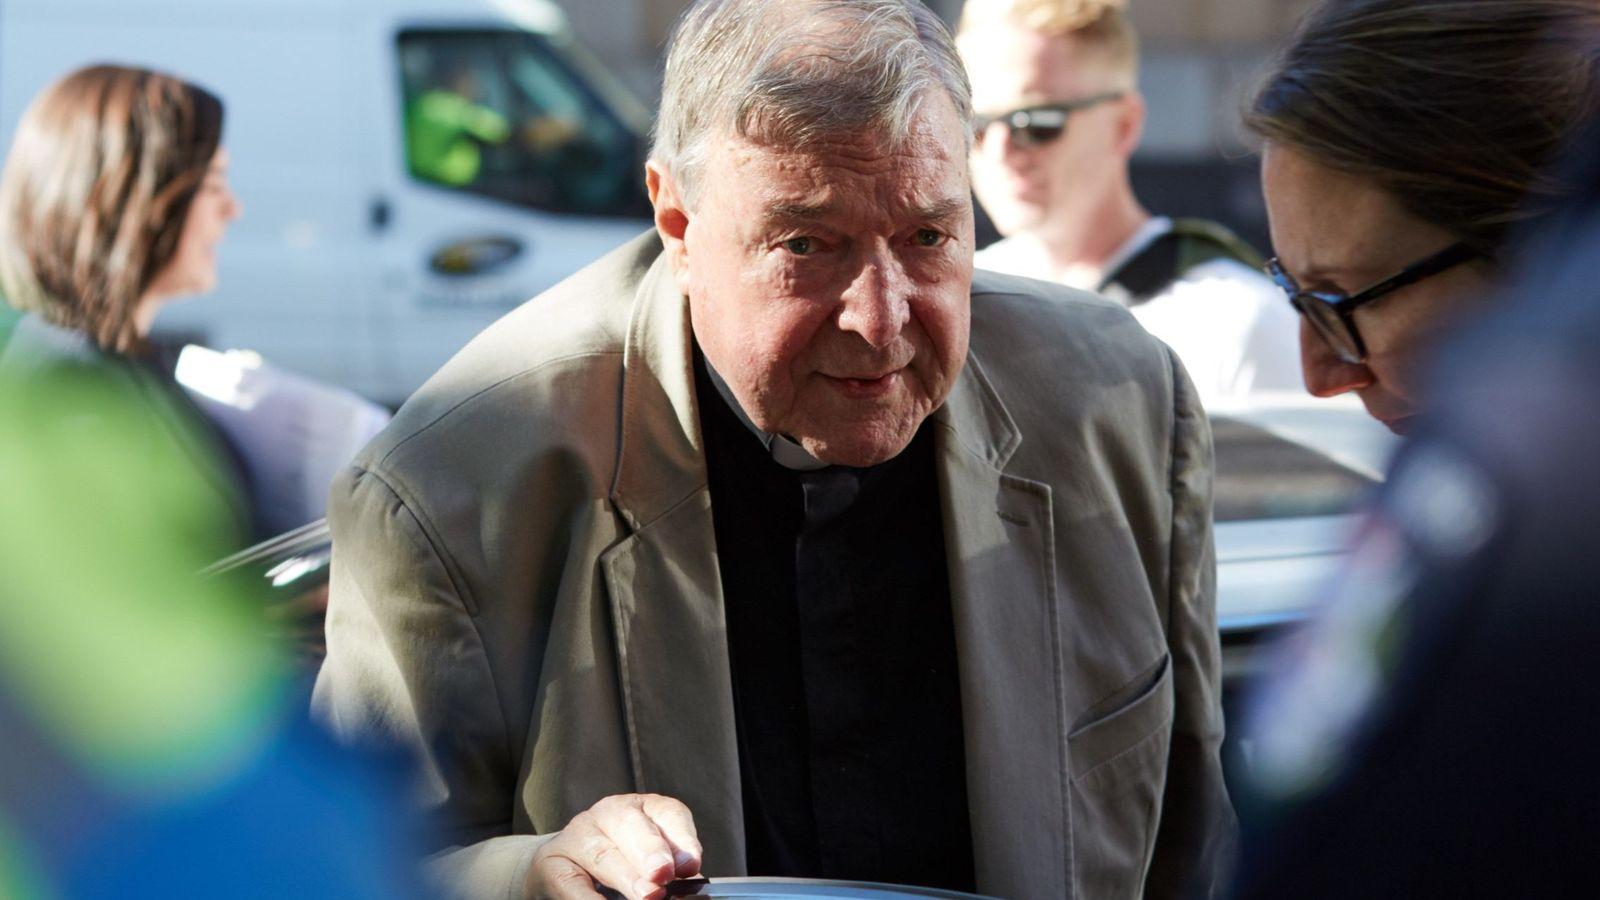 Foto: El cardenal australiano George Pell, este miércoles a su llegada a la Corte de Melbourne. (EFE)